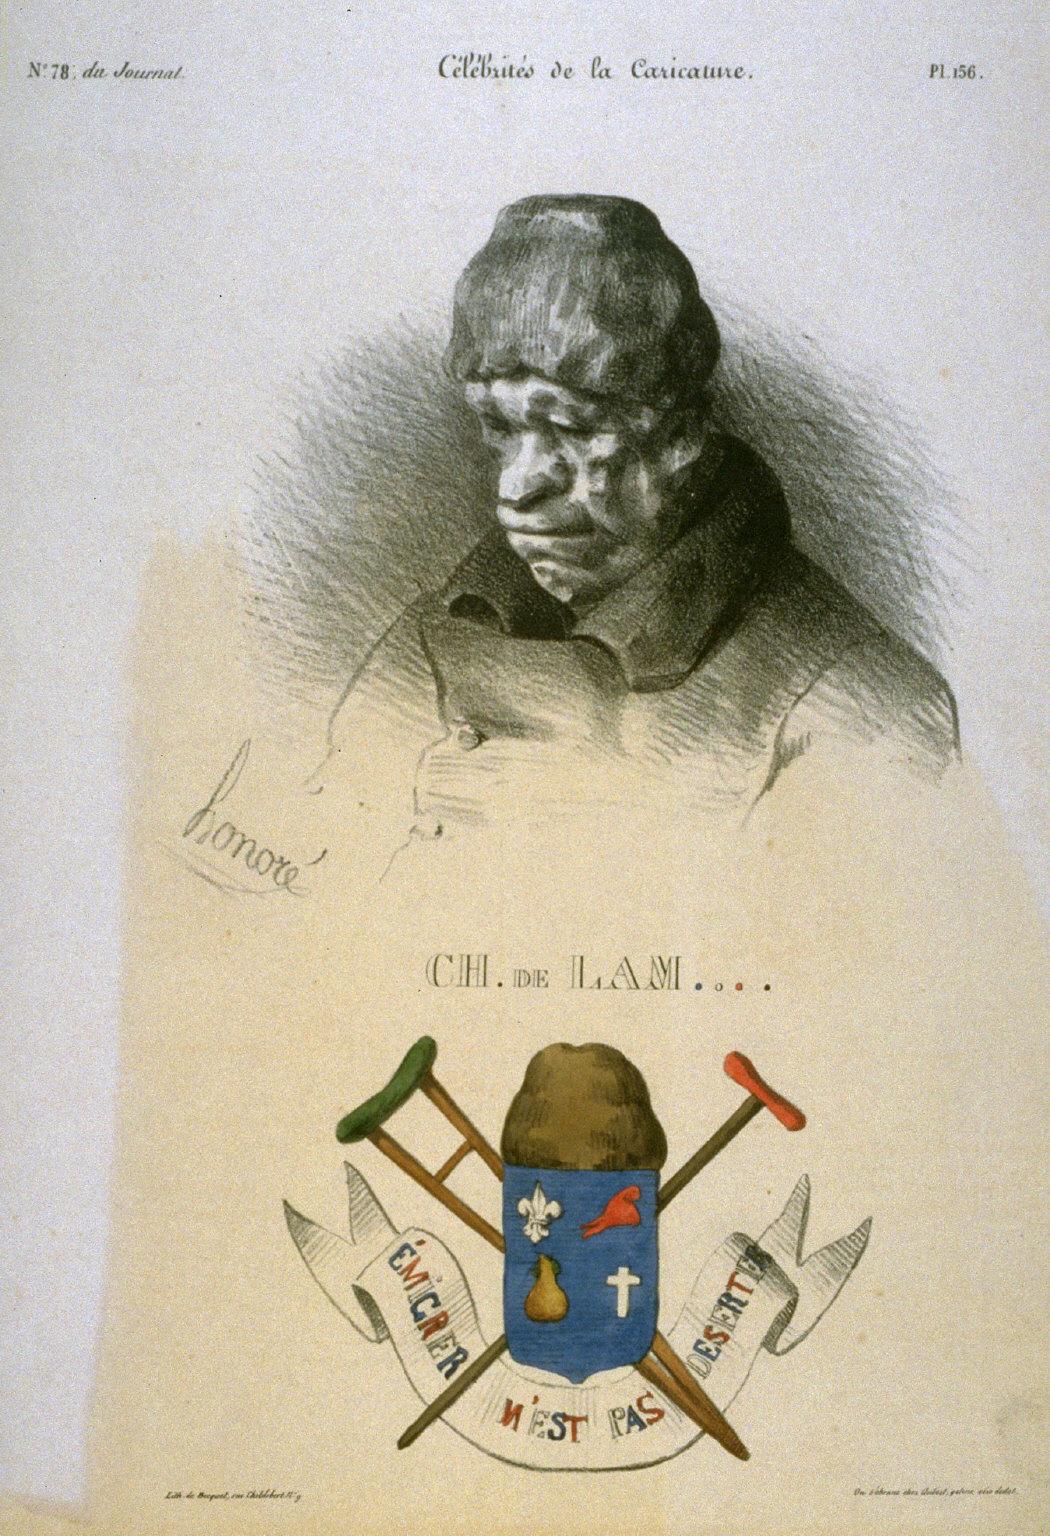 Charles de Lameth plate no. 156 published in La Caricature 26 April 1832